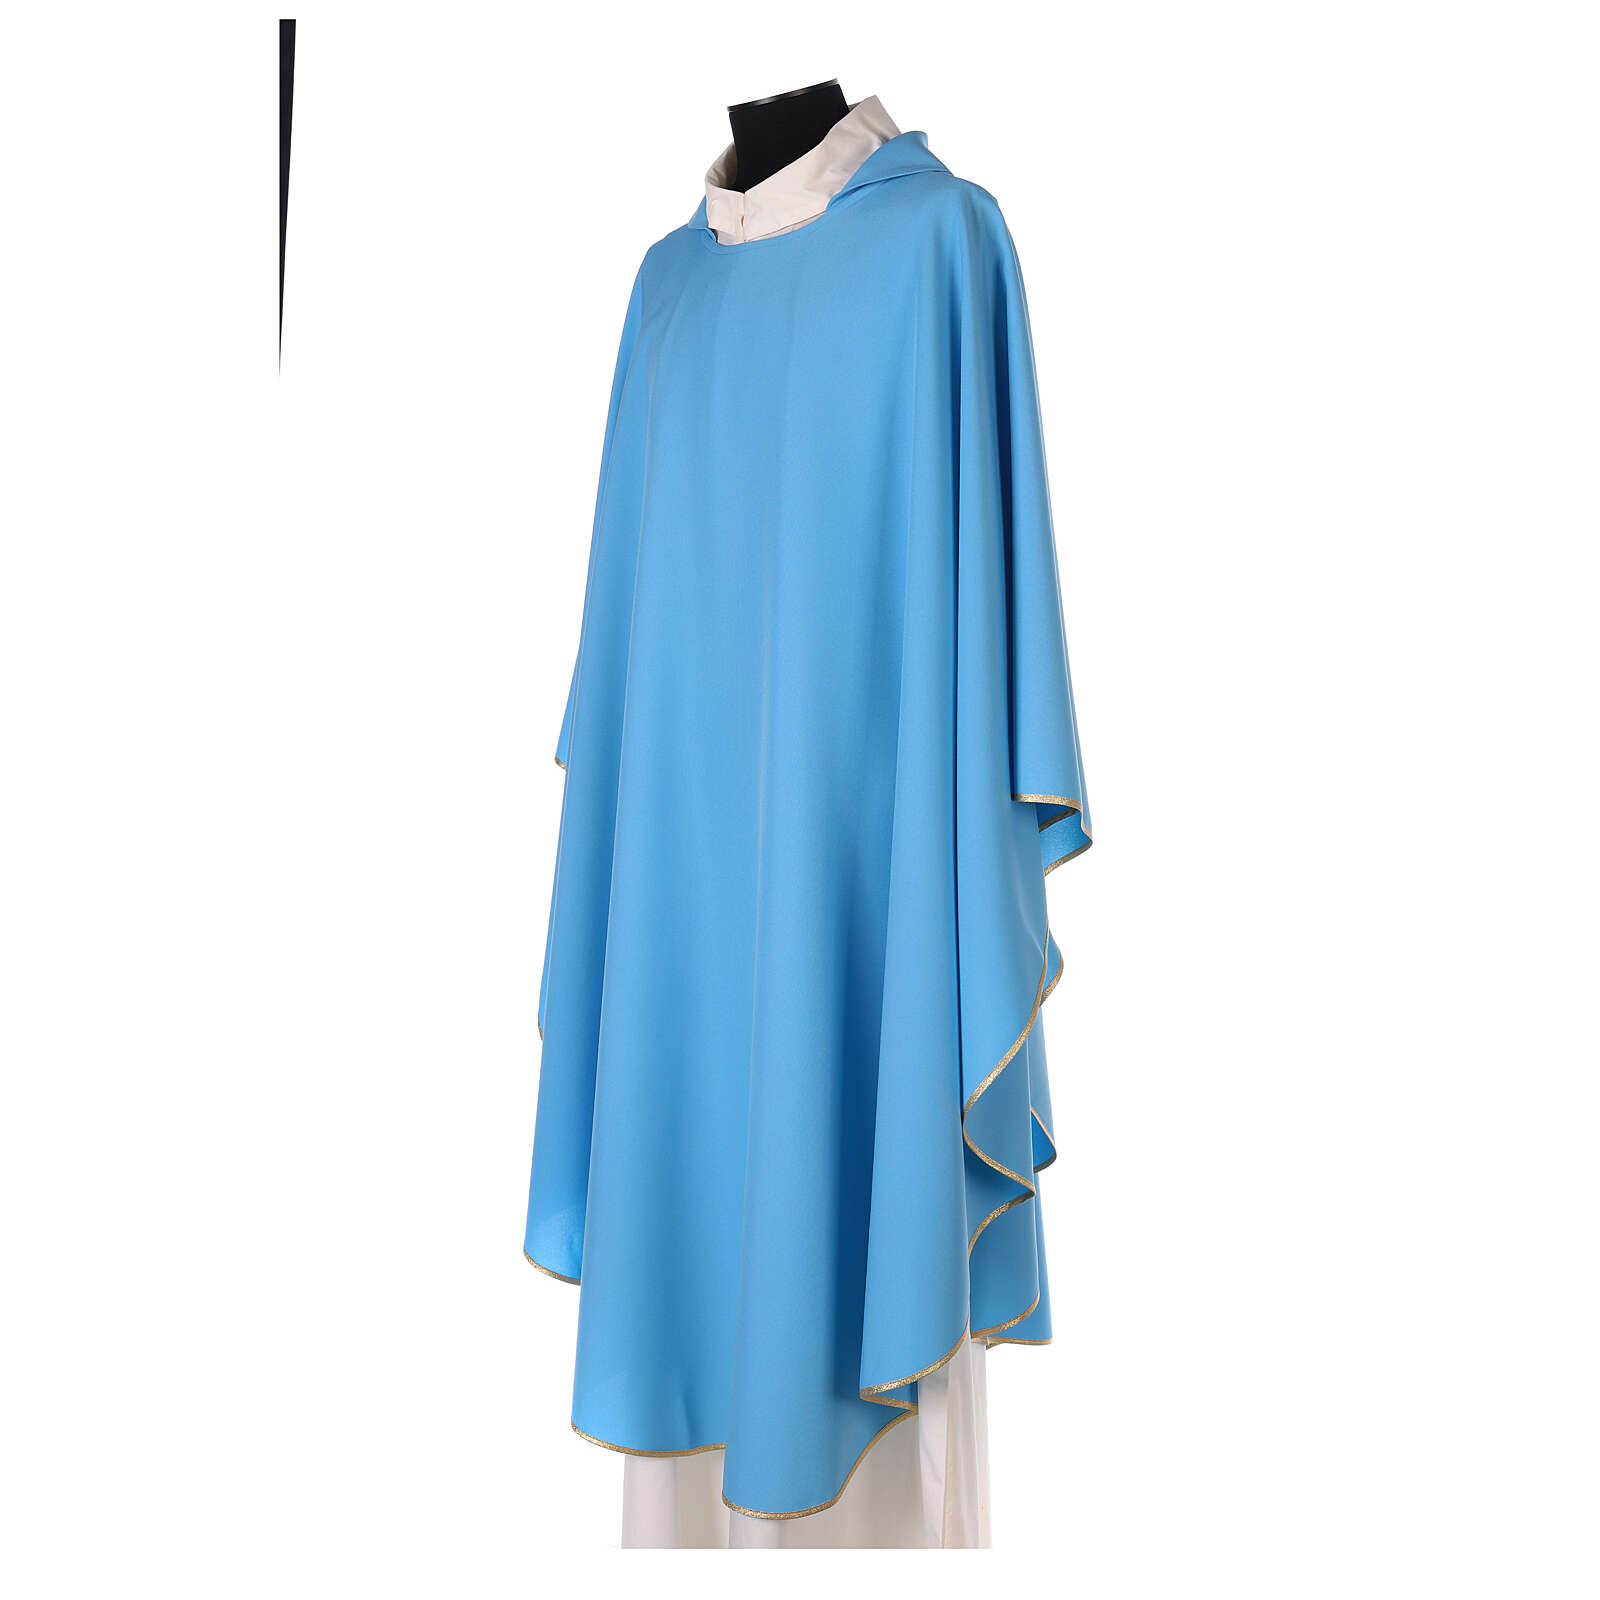 Casula monocolore azzurra 100% poliestere semplice 4